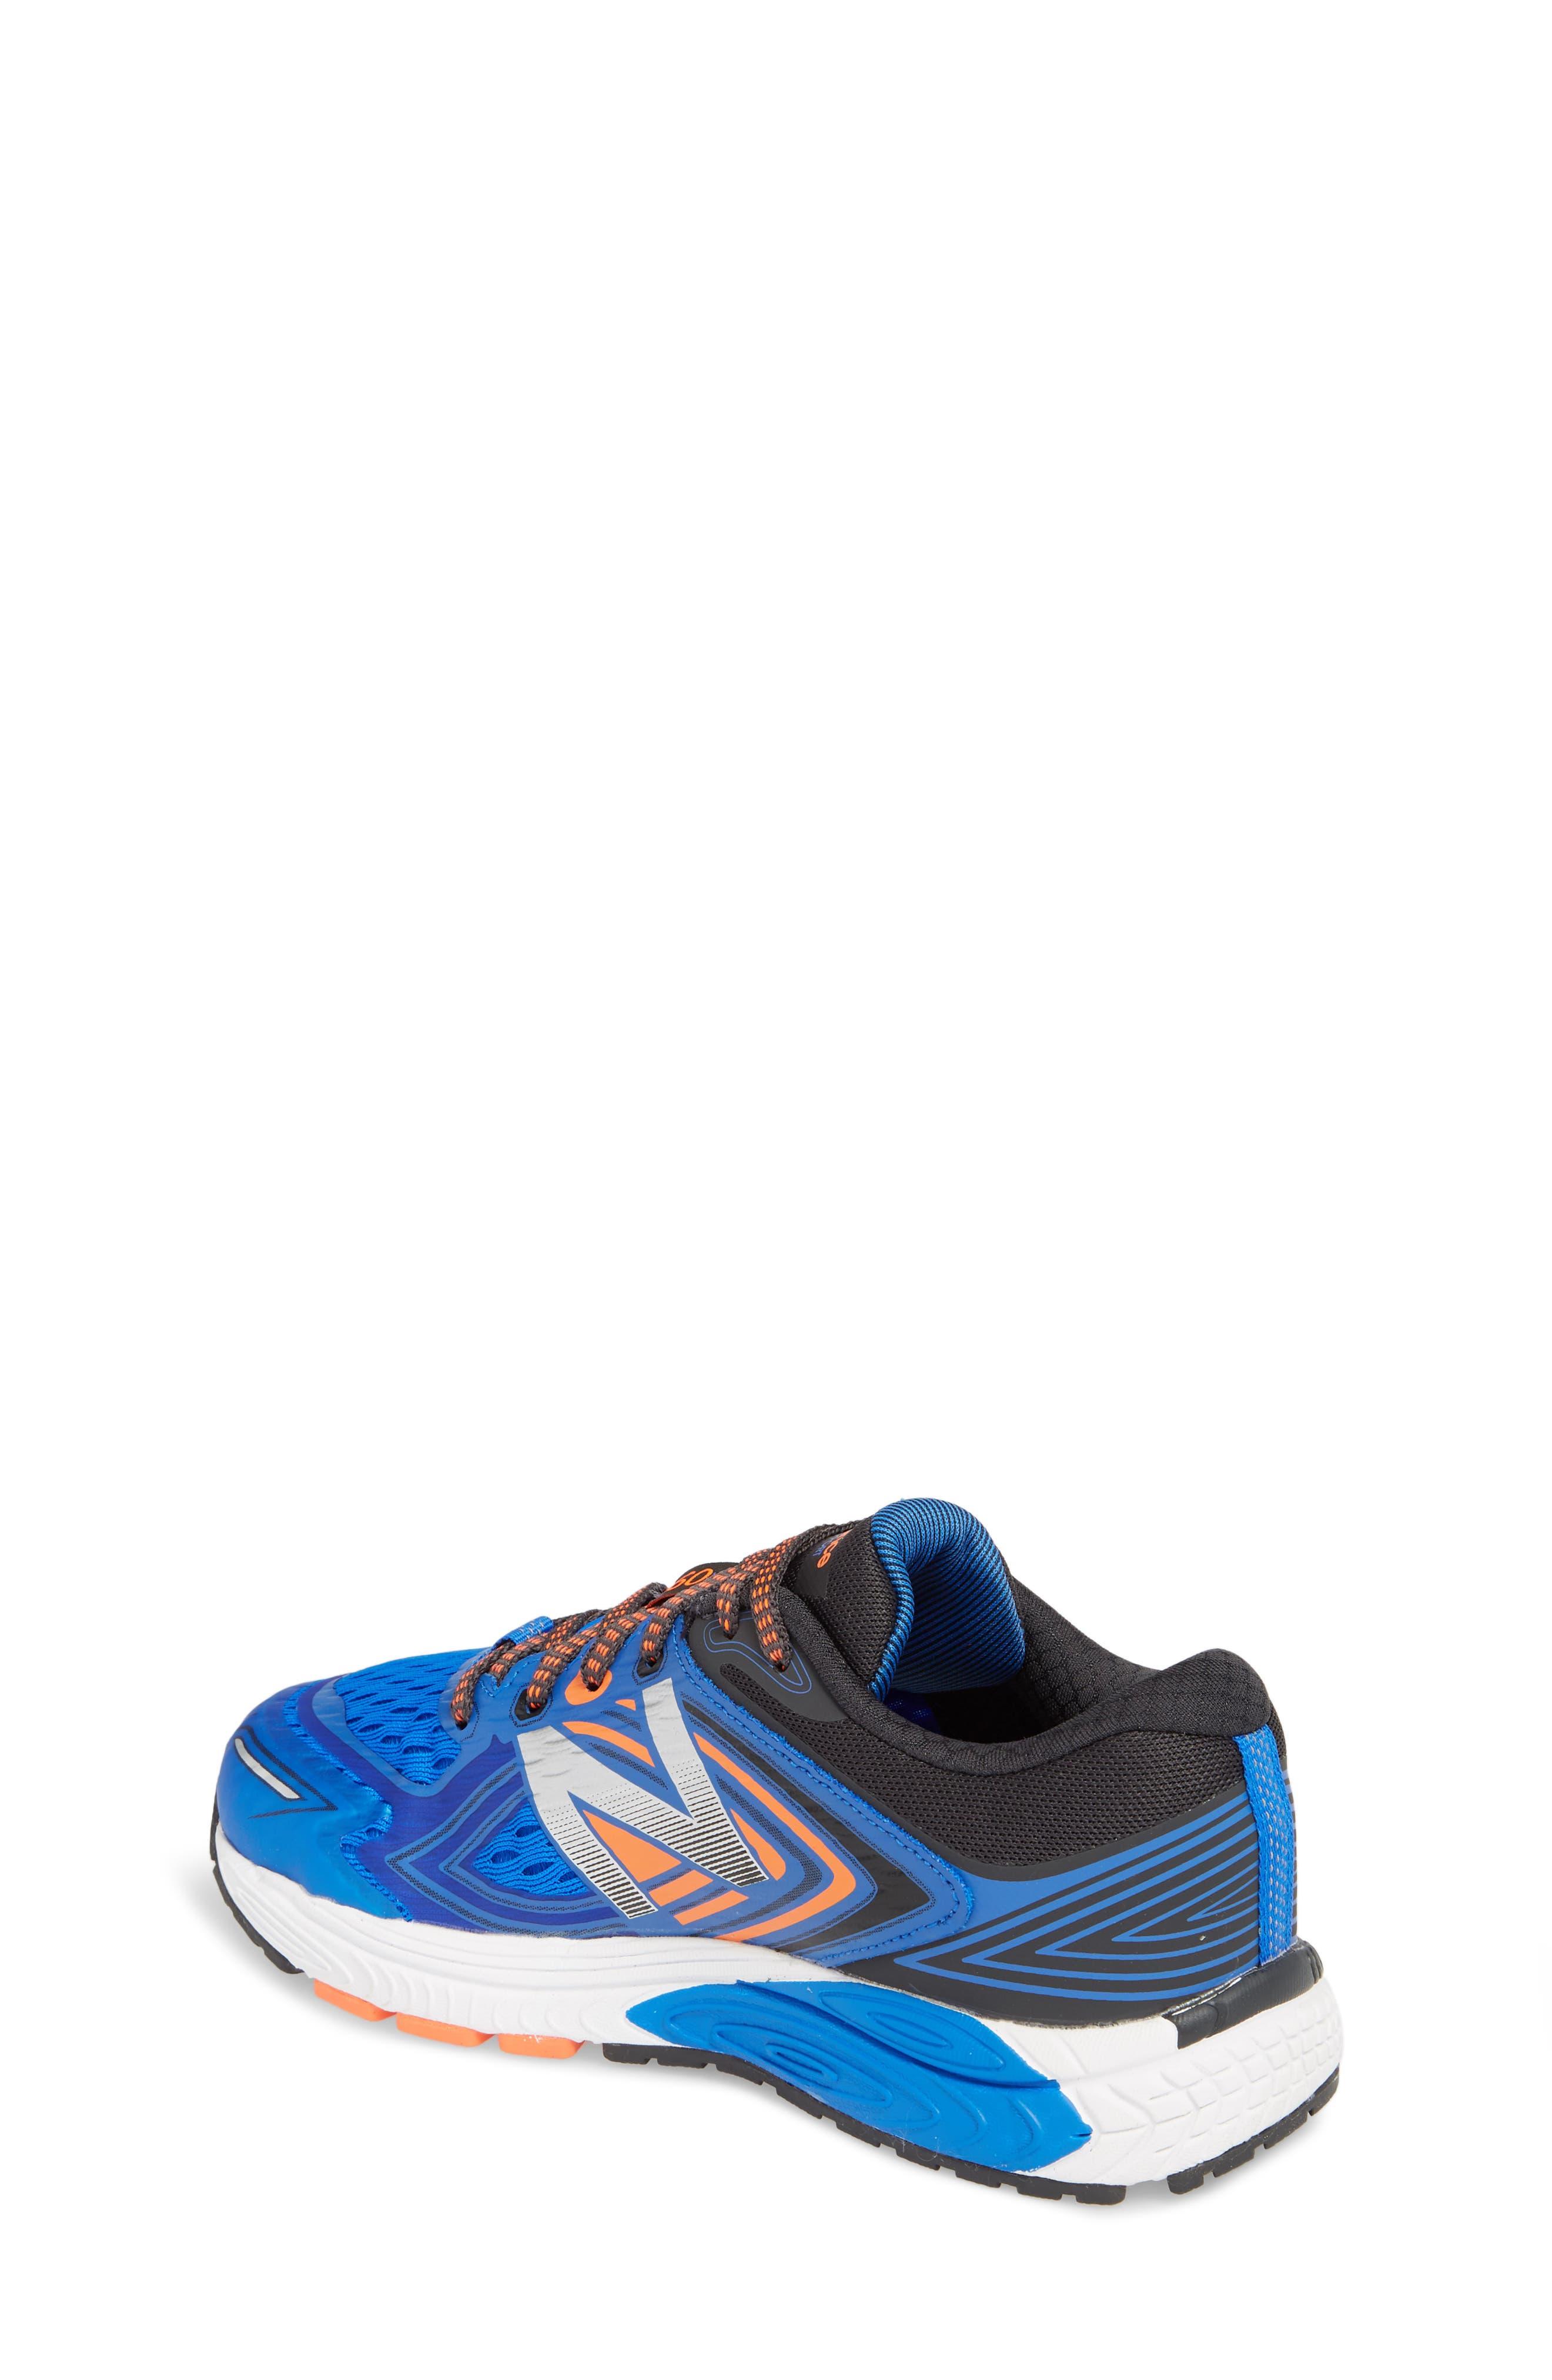 860v8 Sneaker,                             Alternate thumbnail 2, color,                             Navy/ Grey